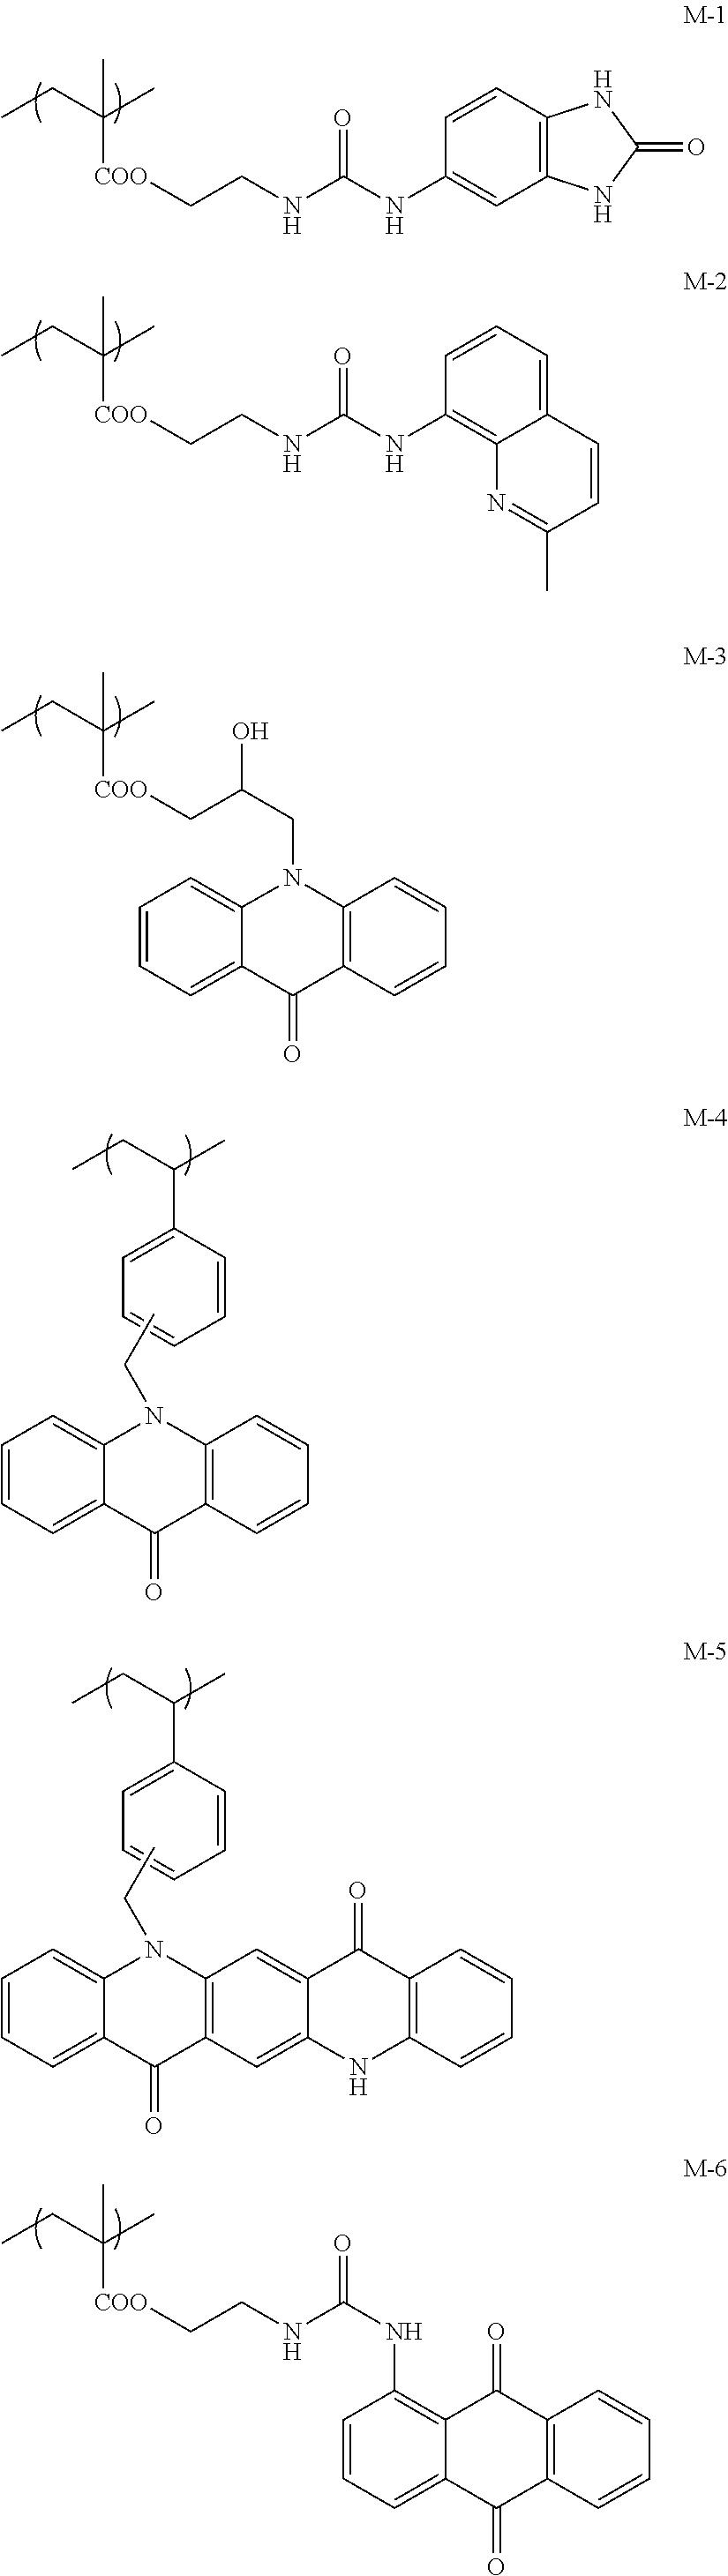 Figure US09714356-20170725-C00008